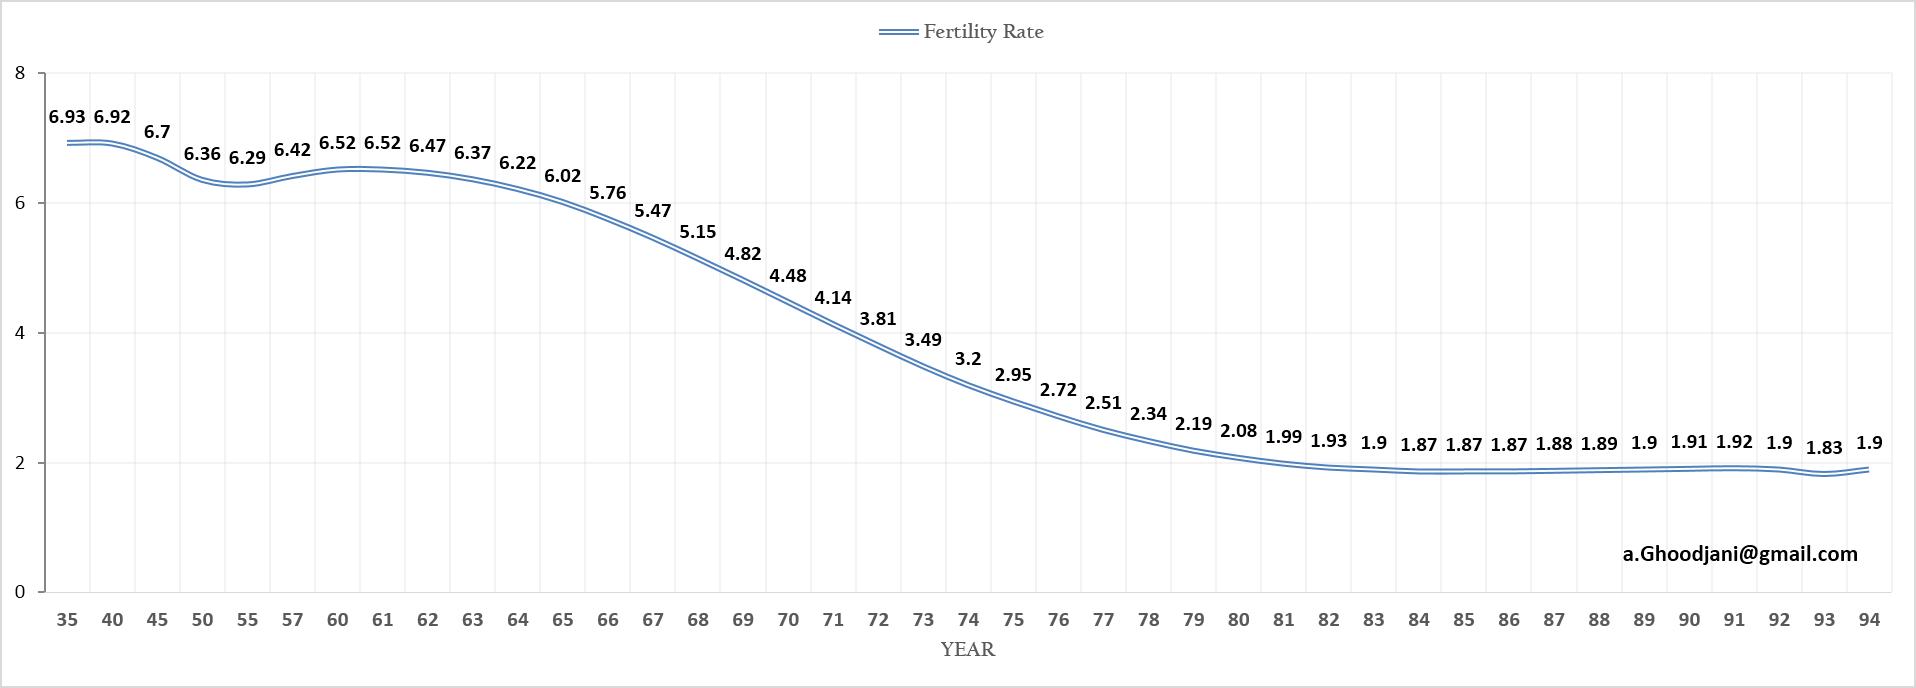 fertility-iran